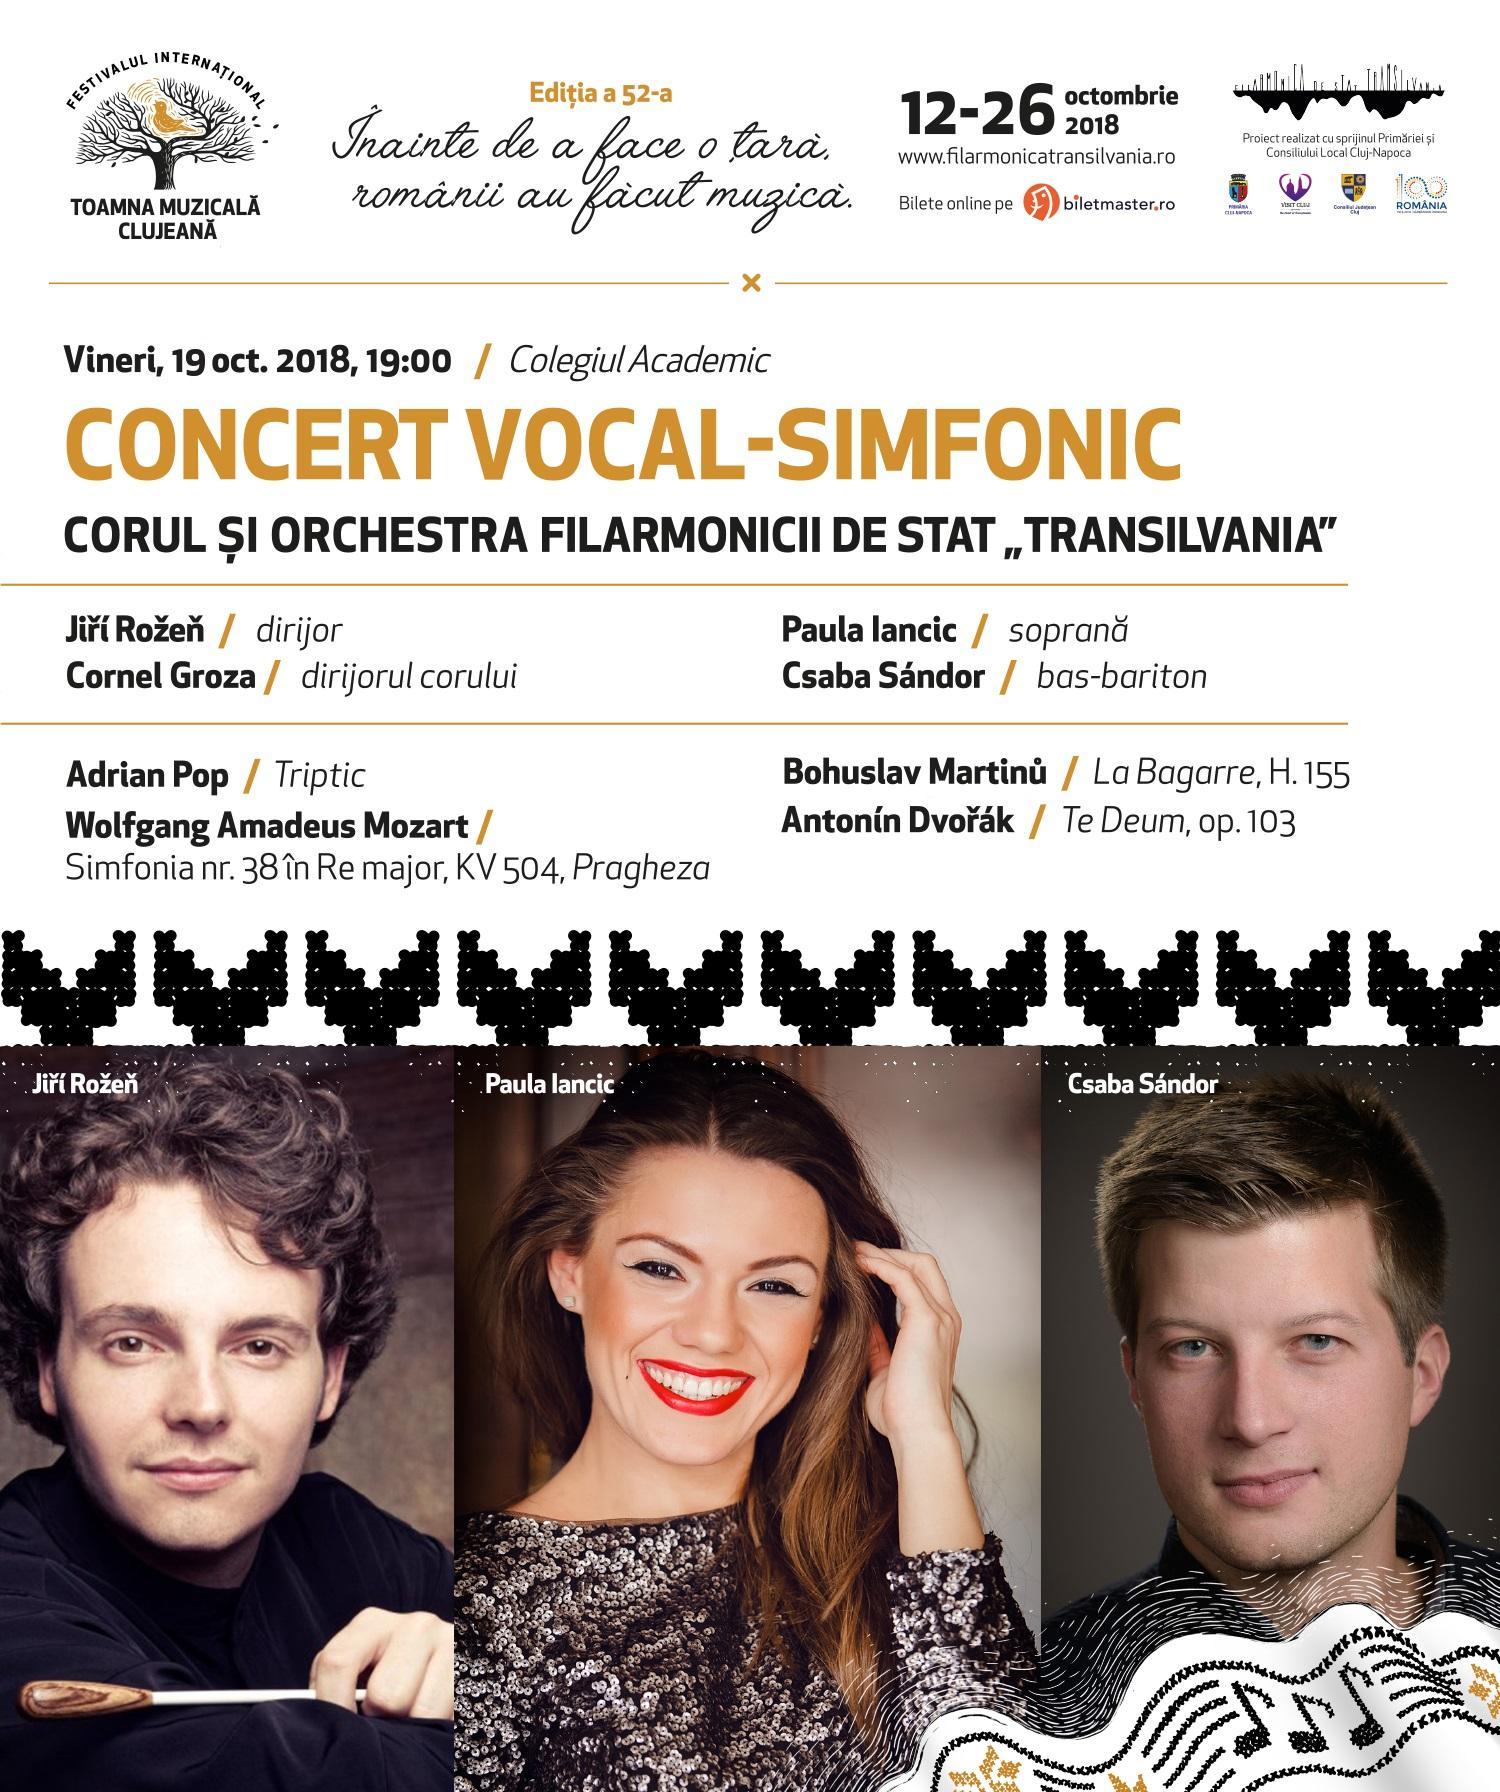 """Festivalului Internațional """"Toamna Muzicală Clujeană"""" are loc în perioada 12 - 26 octombrie"""